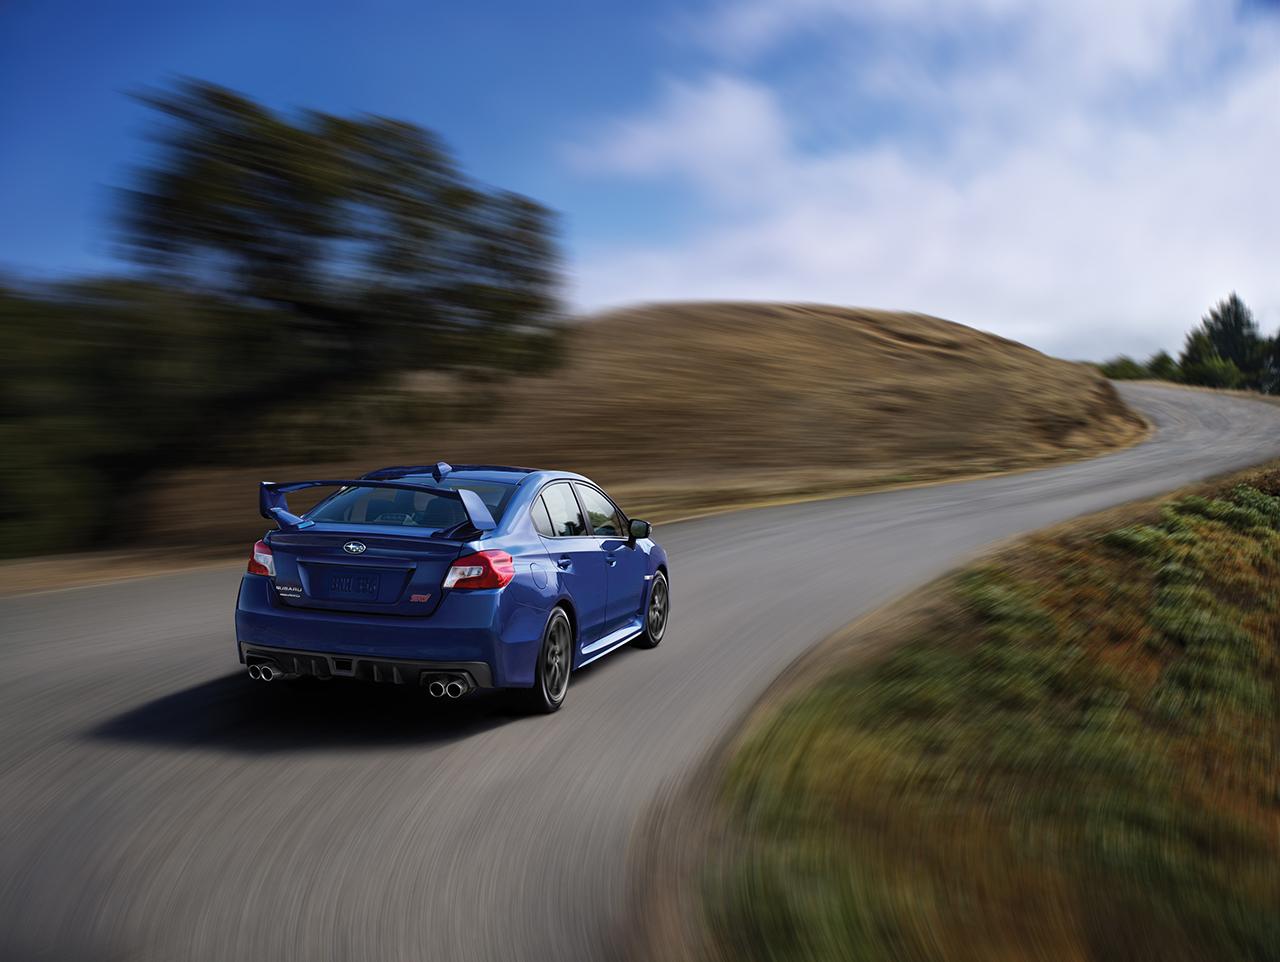 2017 Subaru Sti Wallpapers